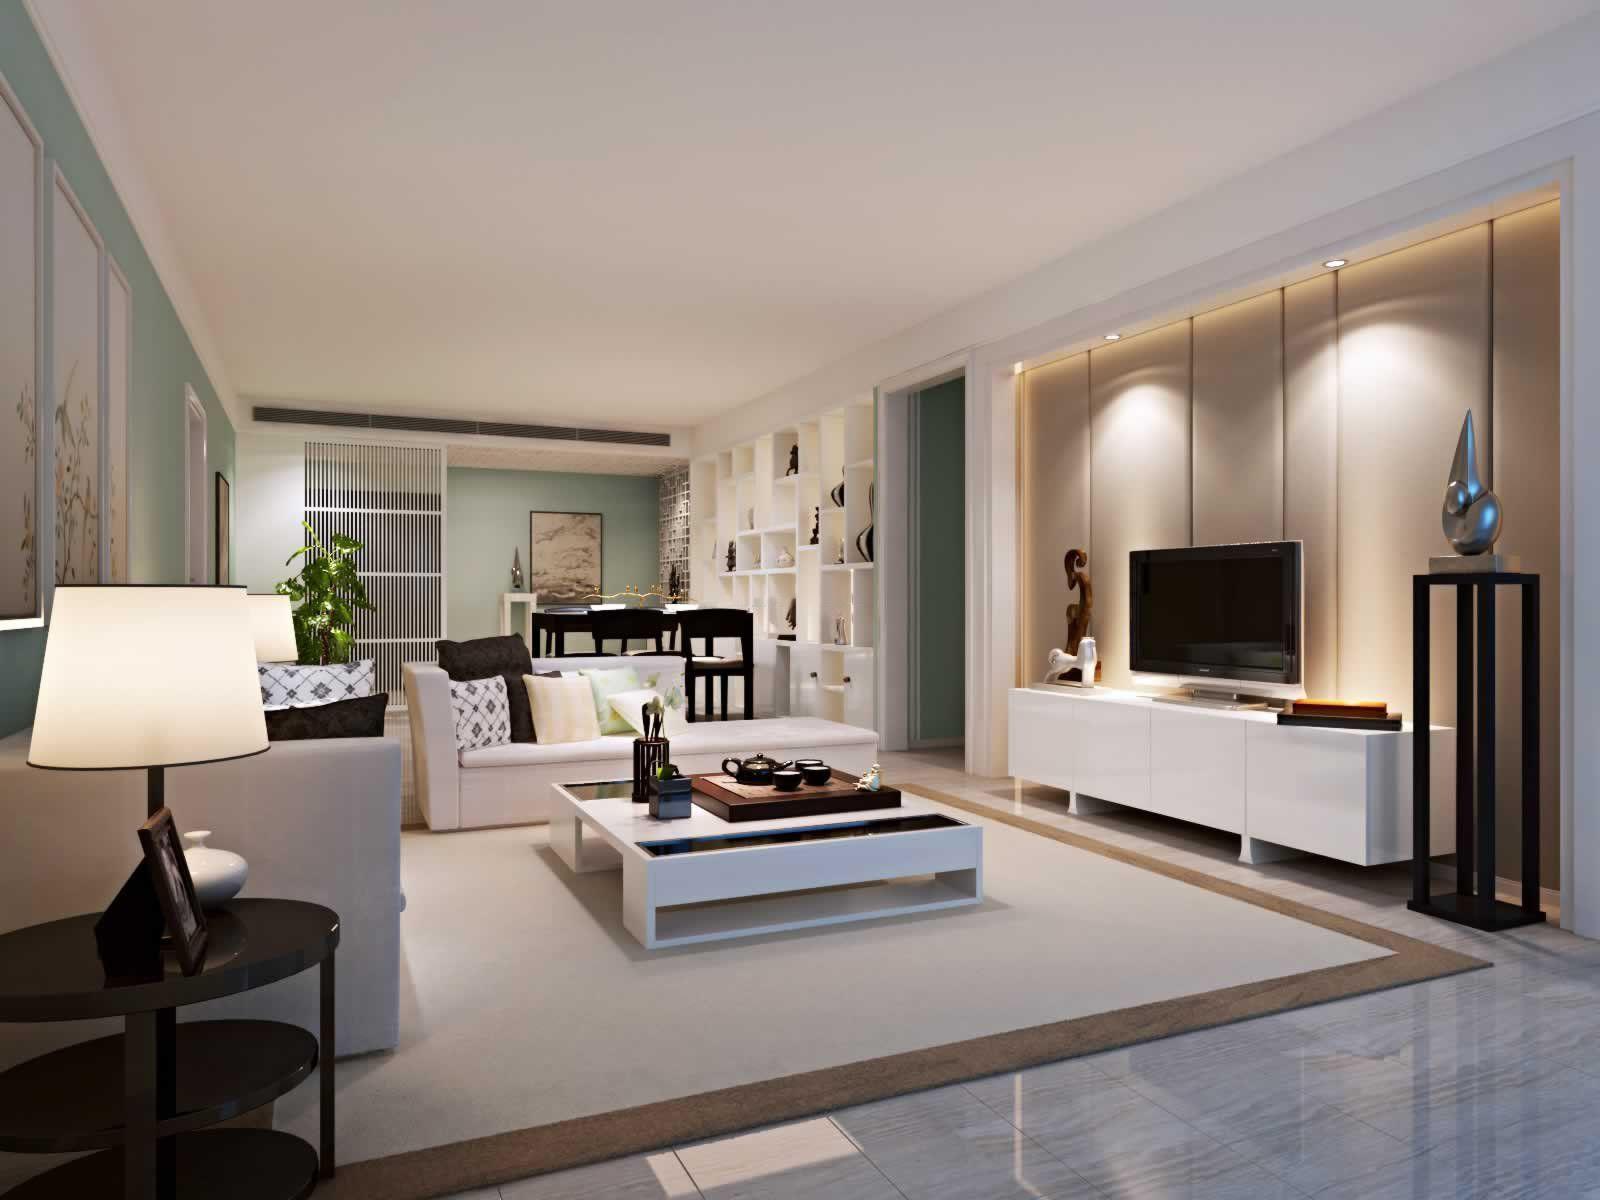 电视柜尺寸如何选?不同风格电视柜高度是多少?